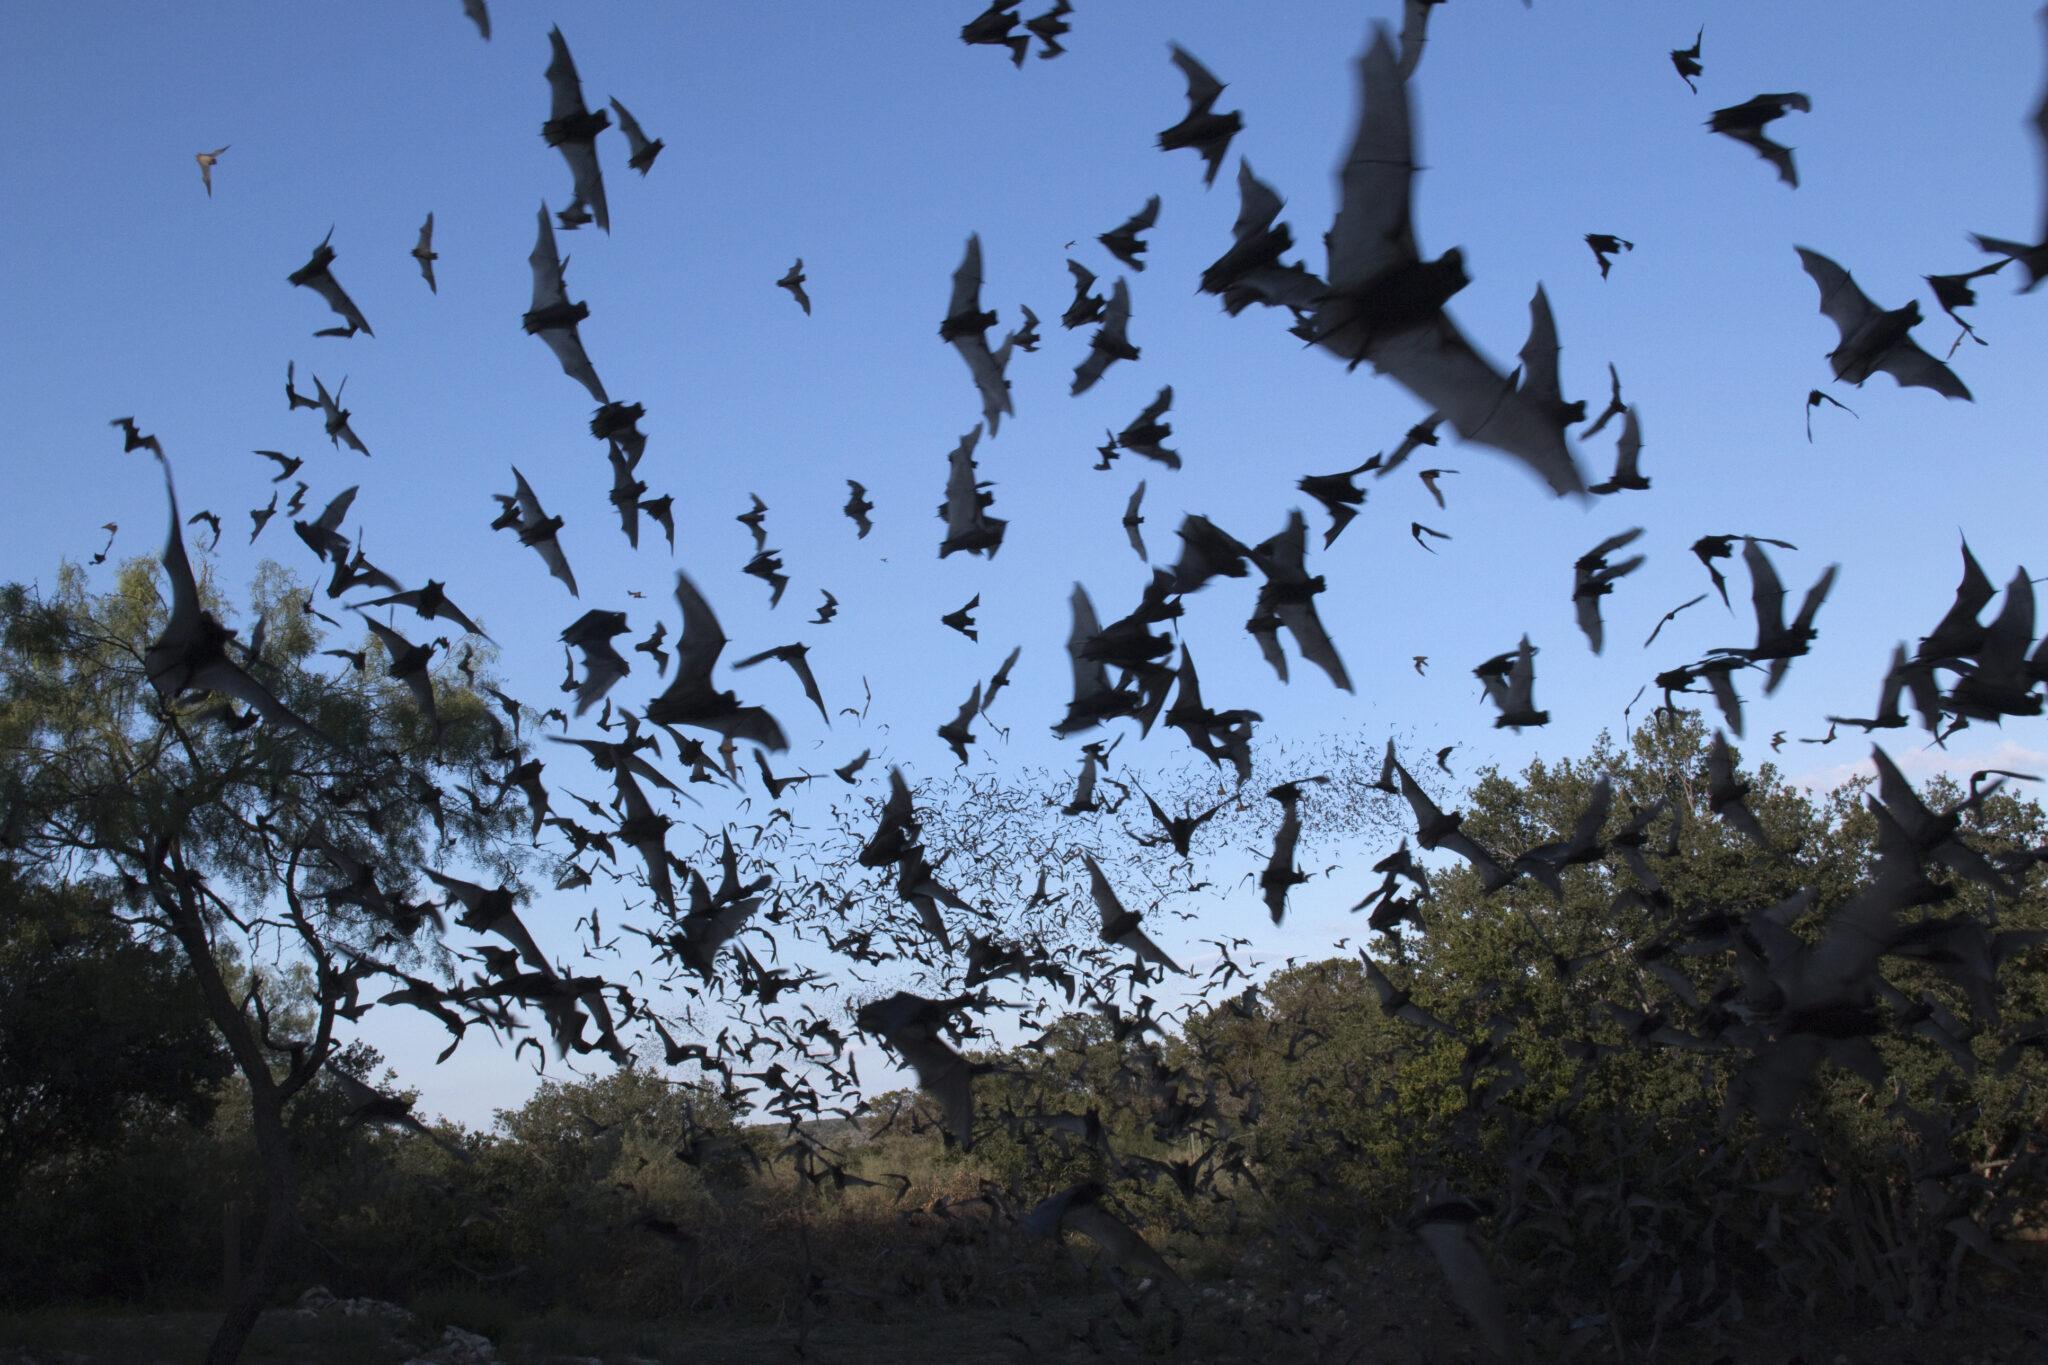 Viele fliegende Fledermäuse zwischen Bäumen